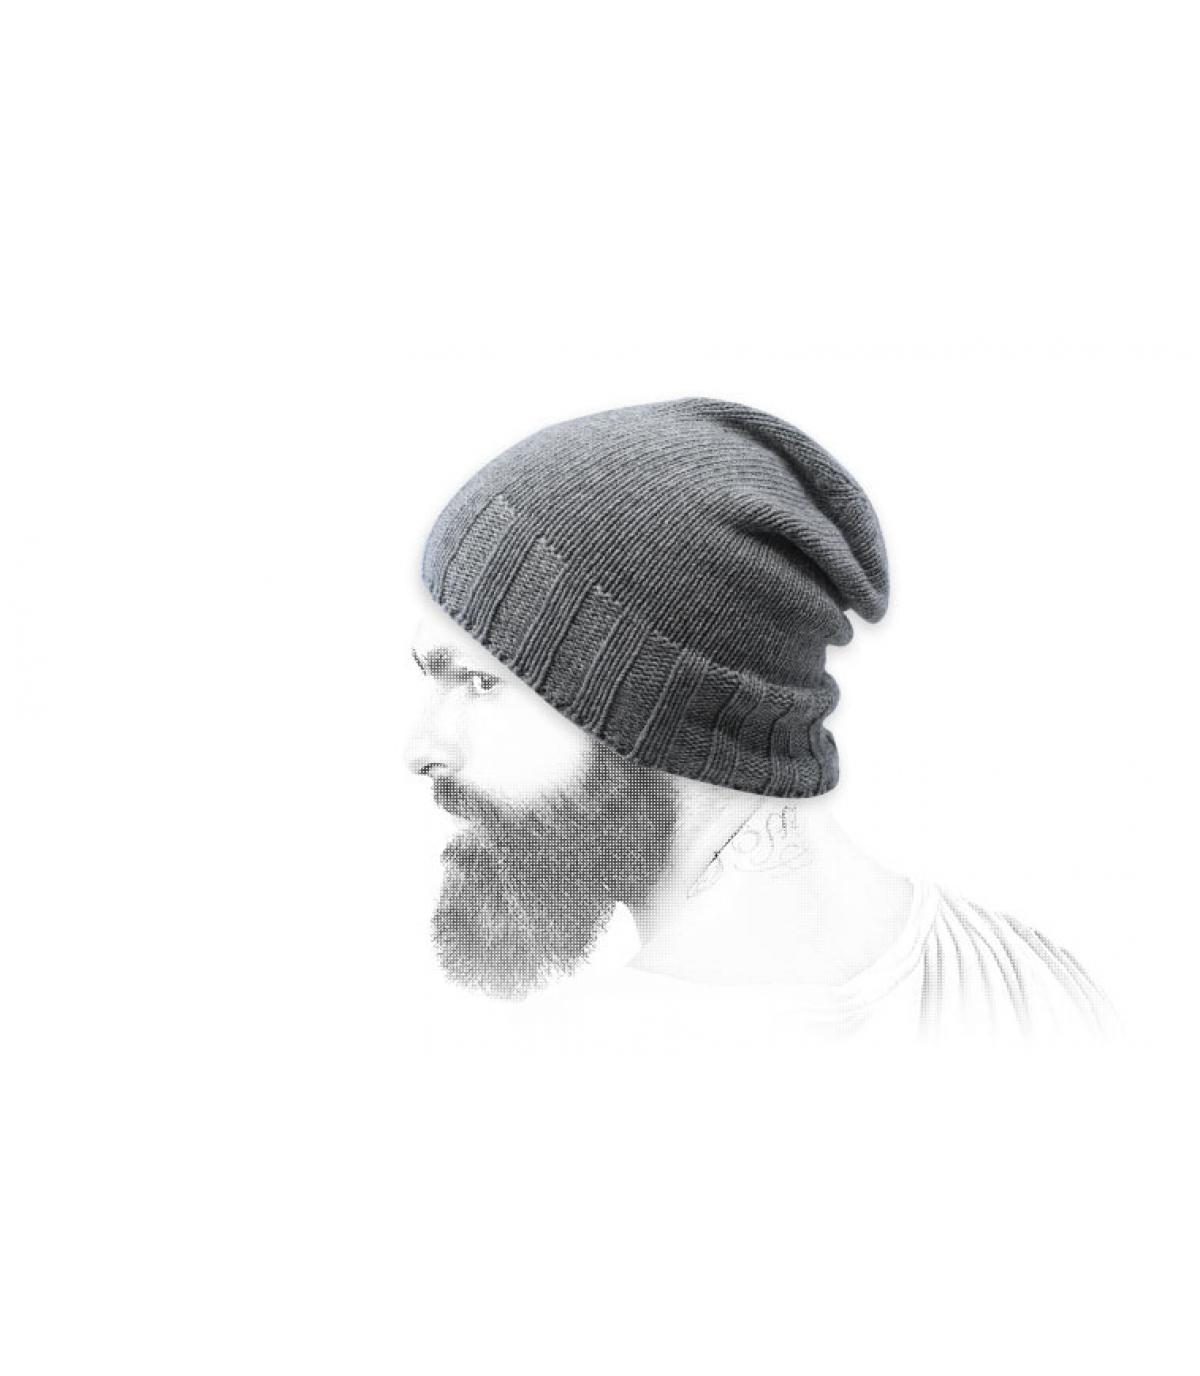 cappello grigio in lana riciclata